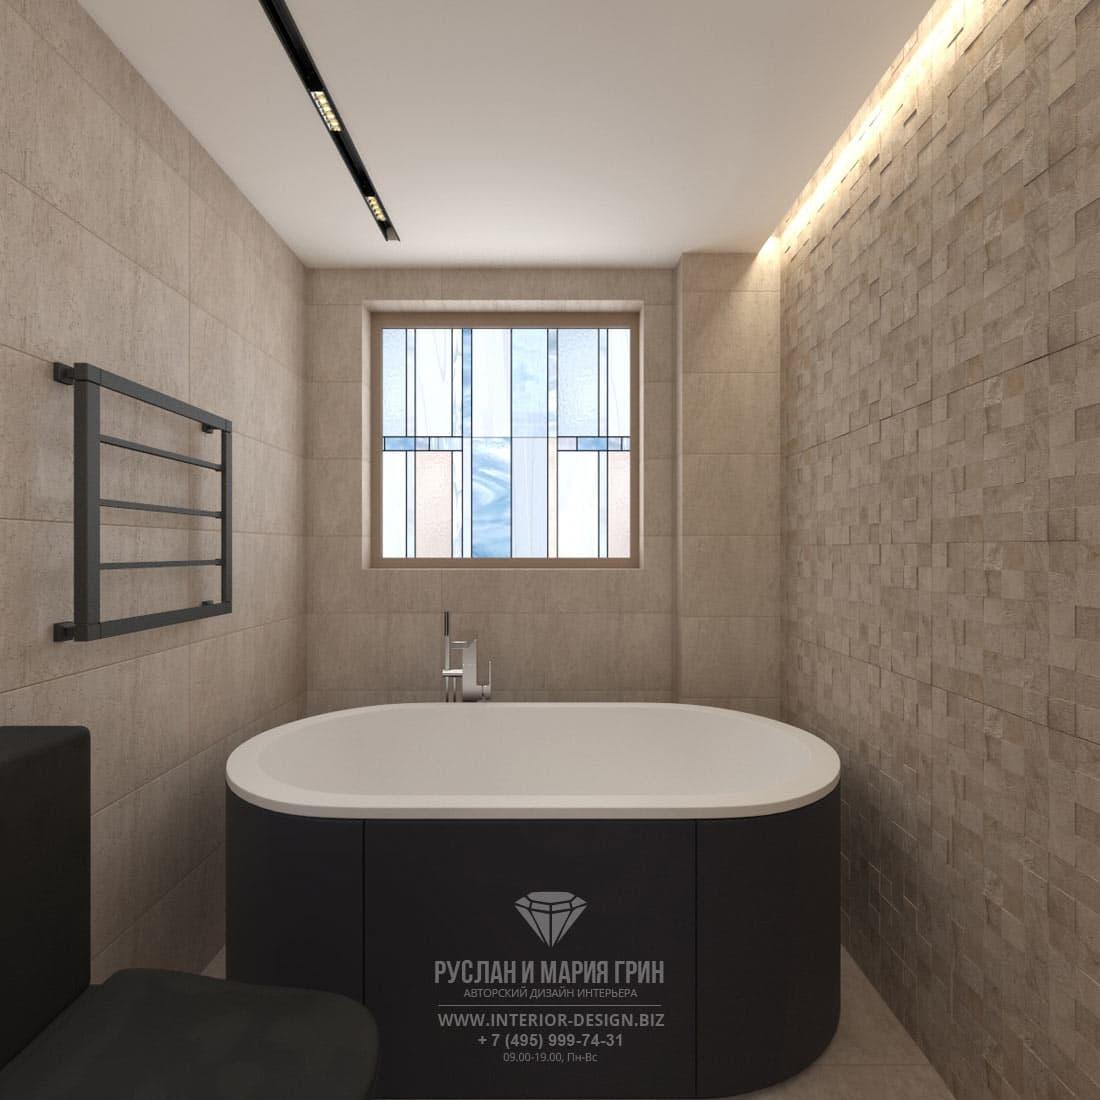 Дизайн интерьера второй ванной комнаты в загородном доме